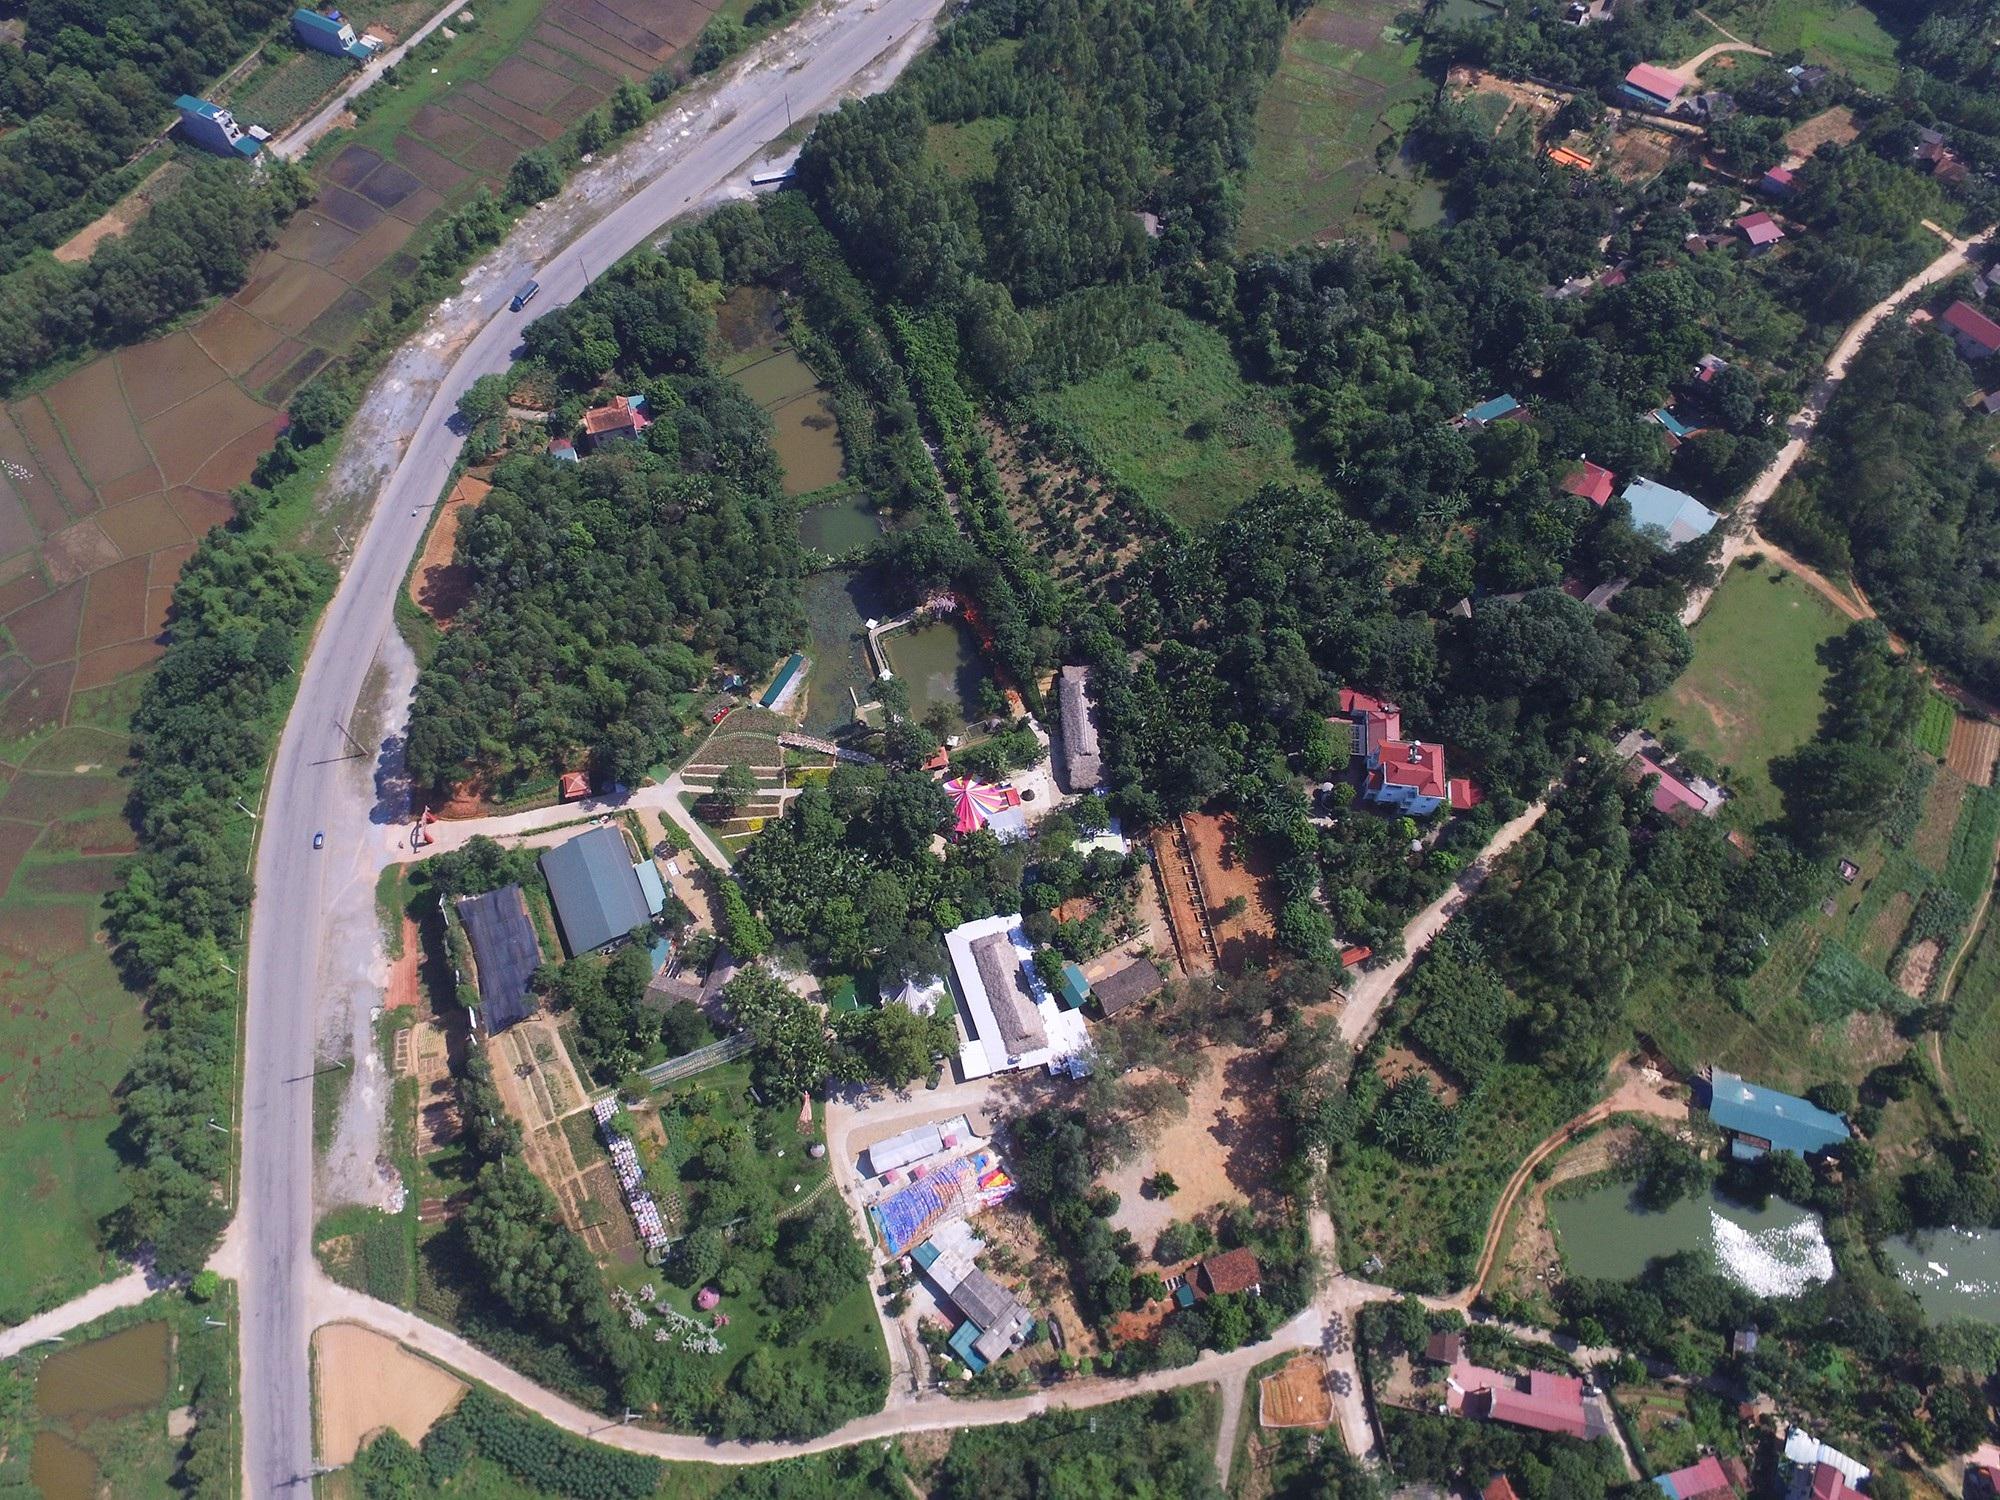 Hình ảnh công trình xây dựng trái phép trong Khu di tích Đền Hùng - Ảnh 24.